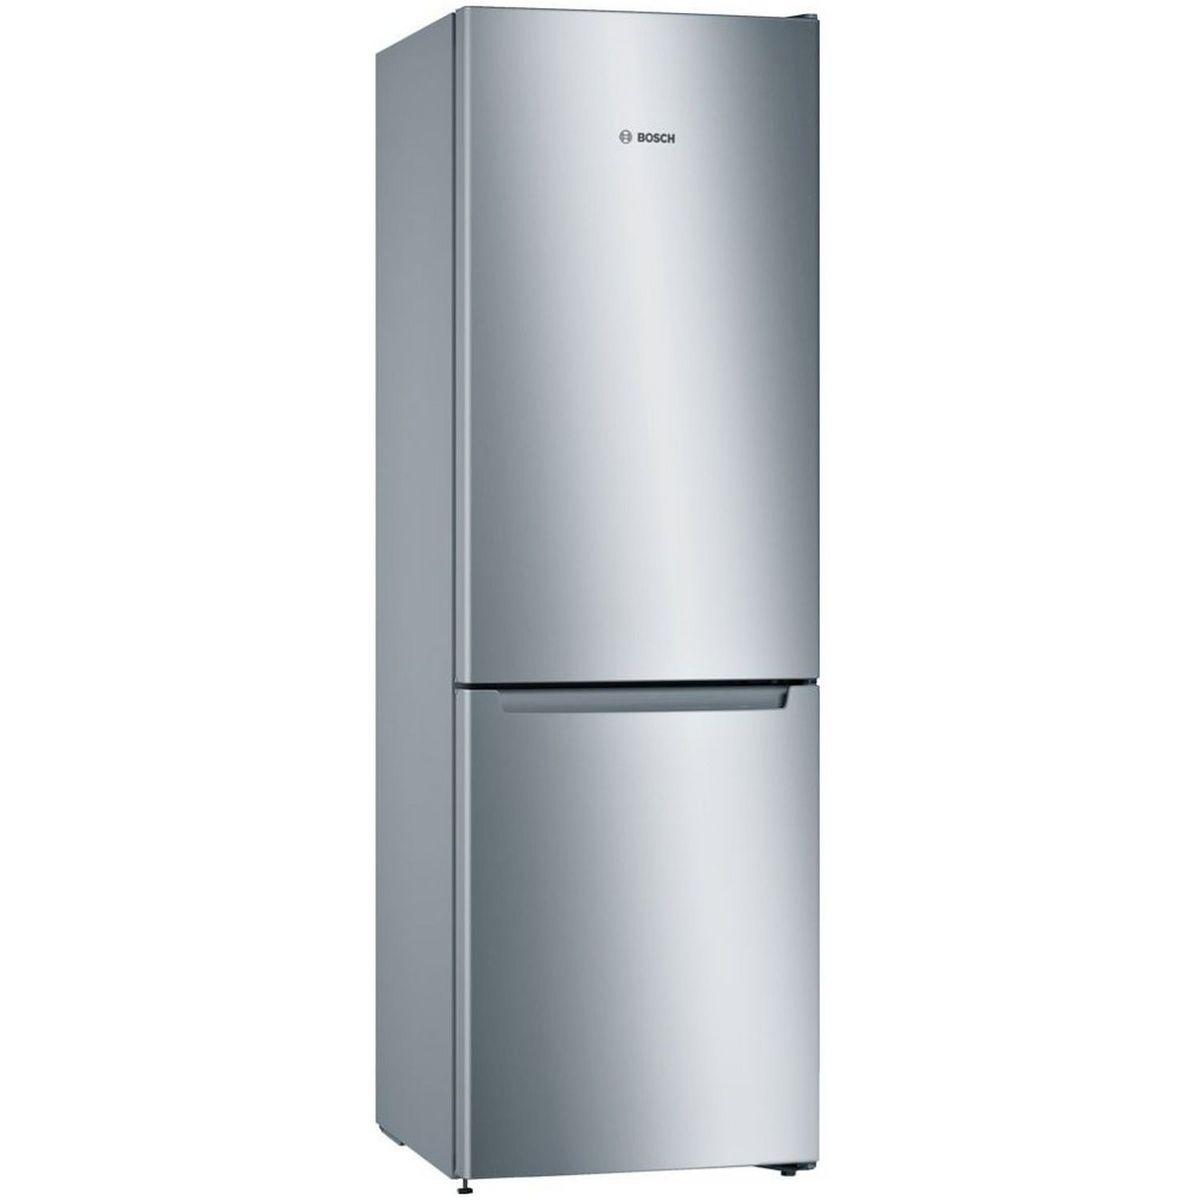 Réfrigérateur combiné KGN36KL30, 302 L, No frost